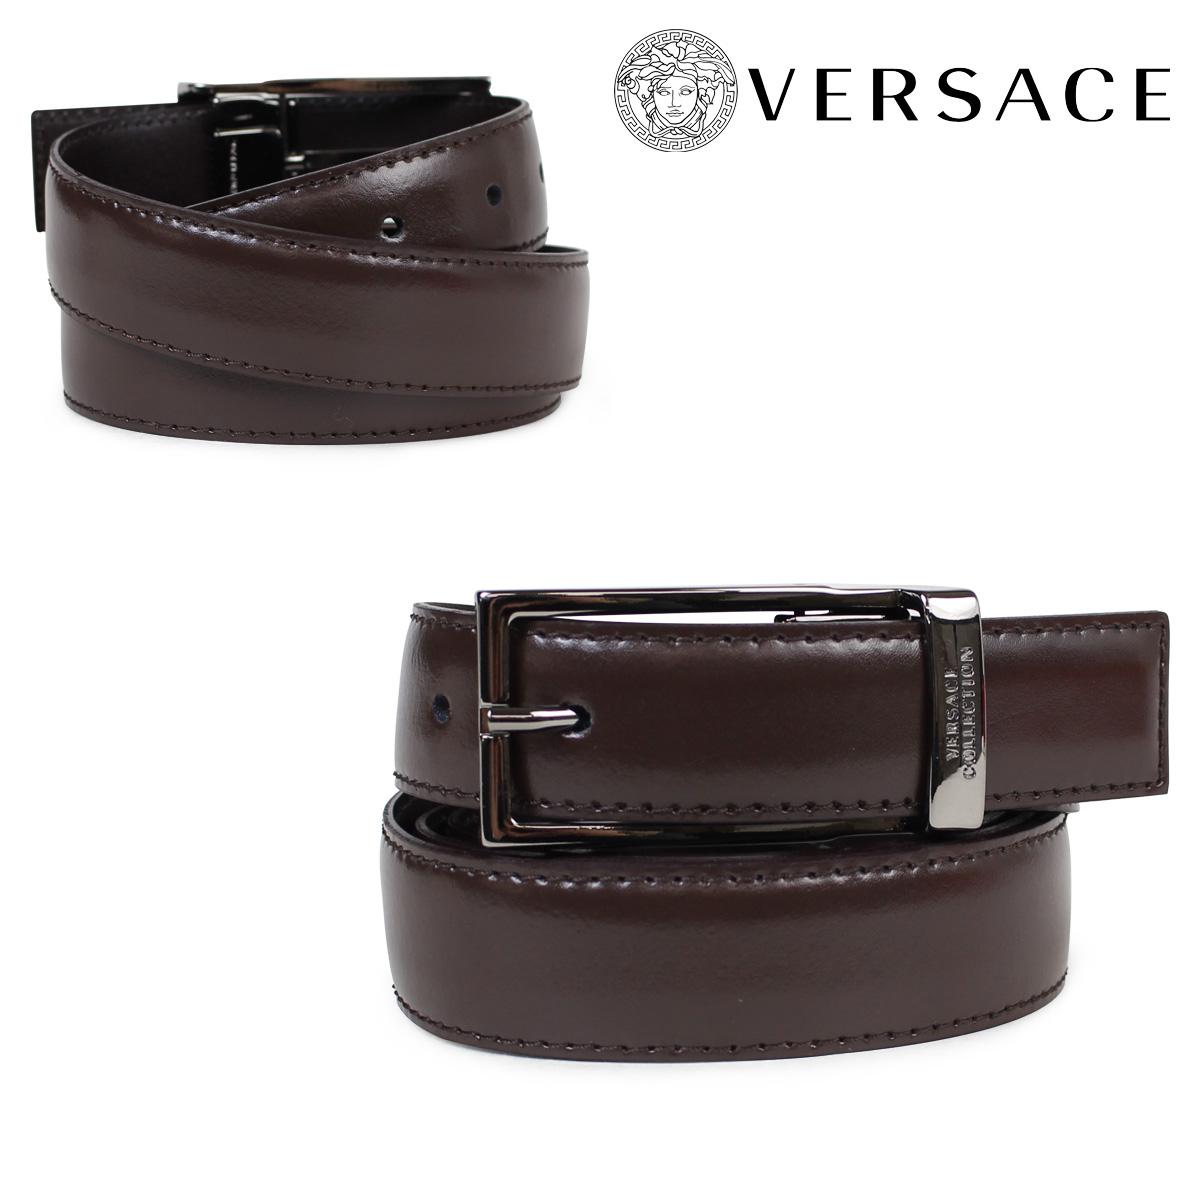 VERSACE ベルト ヴェルサーチ ベルサーチ メンズ 本革 レザーベルト ブラウン イタリア製 カジュアル ビジネス V91225S